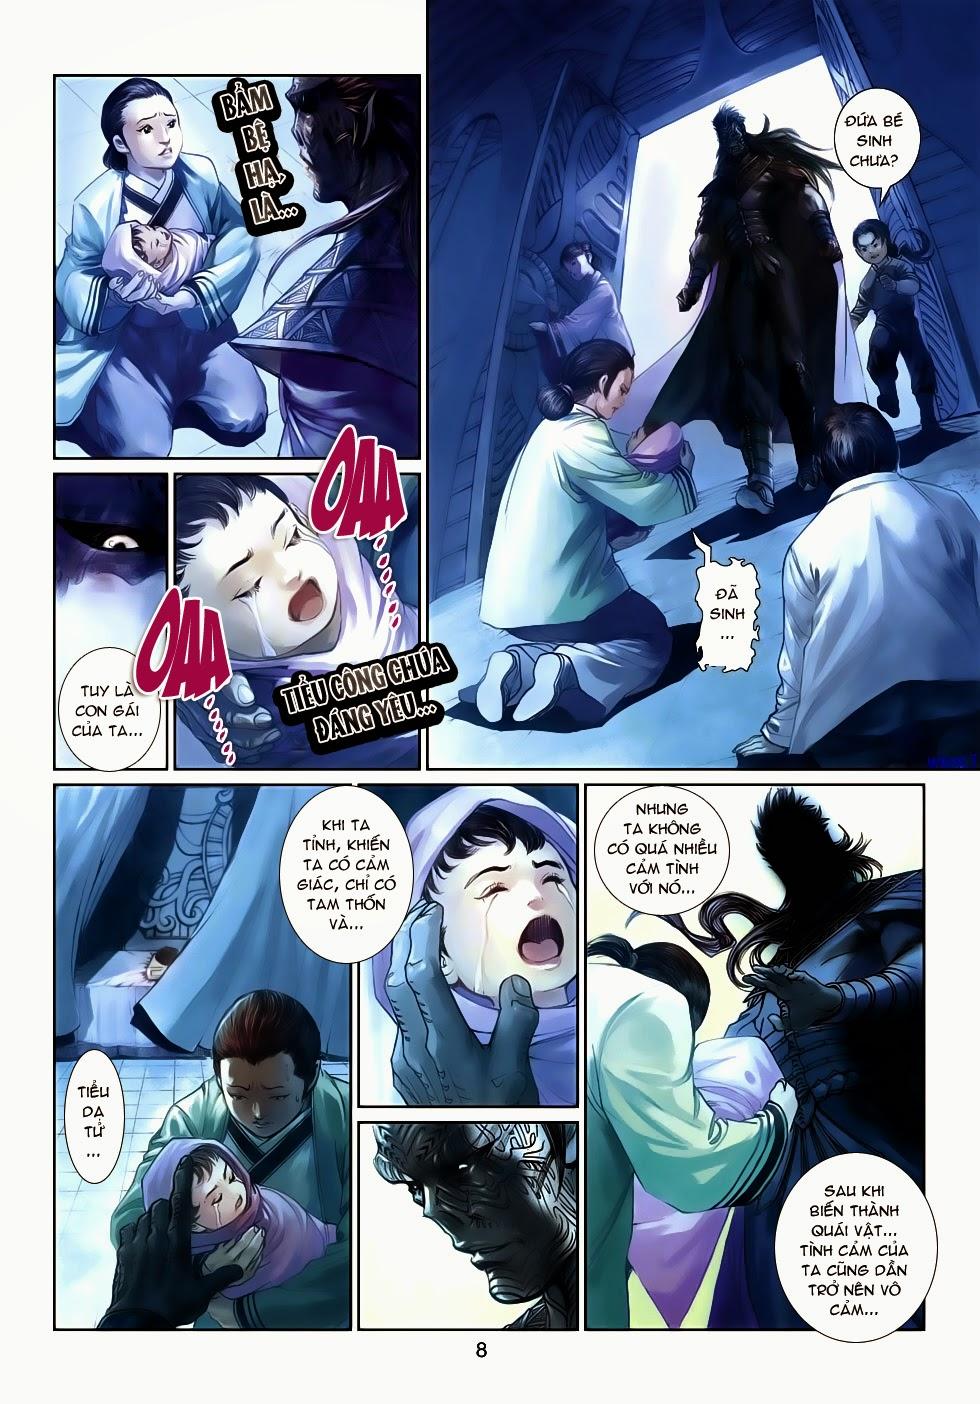 Thần Binh Tiền Truyện 4 - Huyền Thiên Tà Đế chap 14 - Trang 8